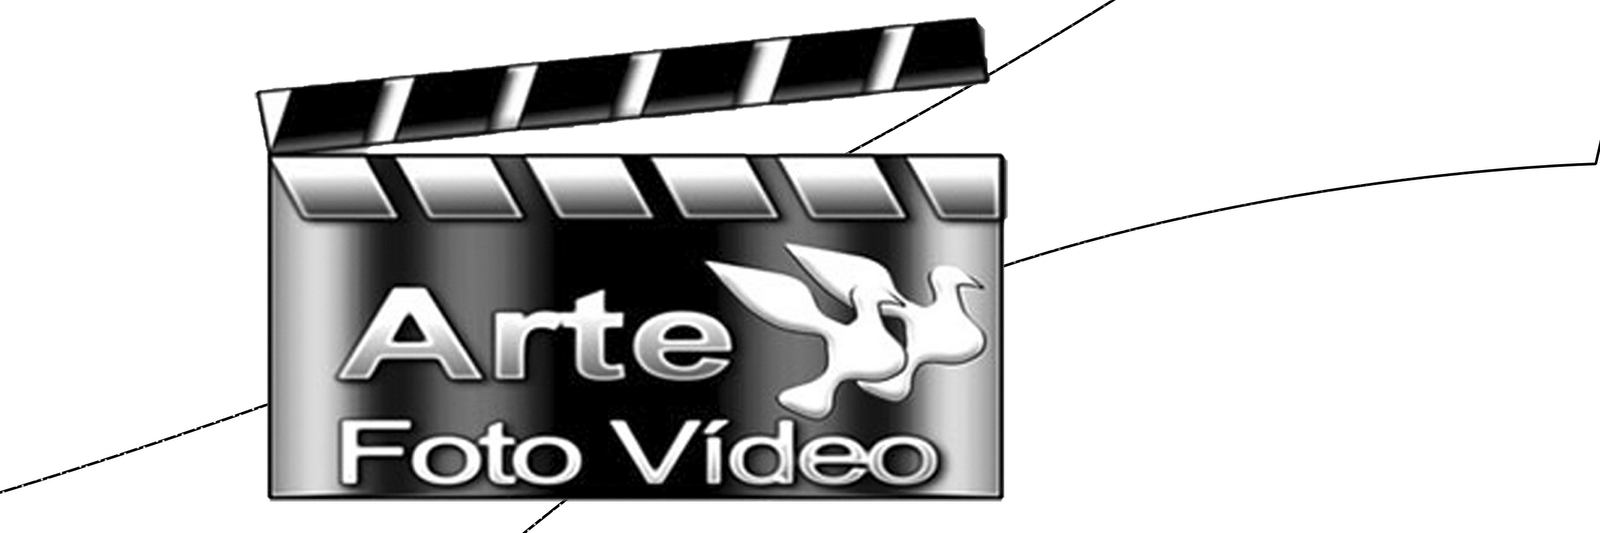 Arte Foto Video